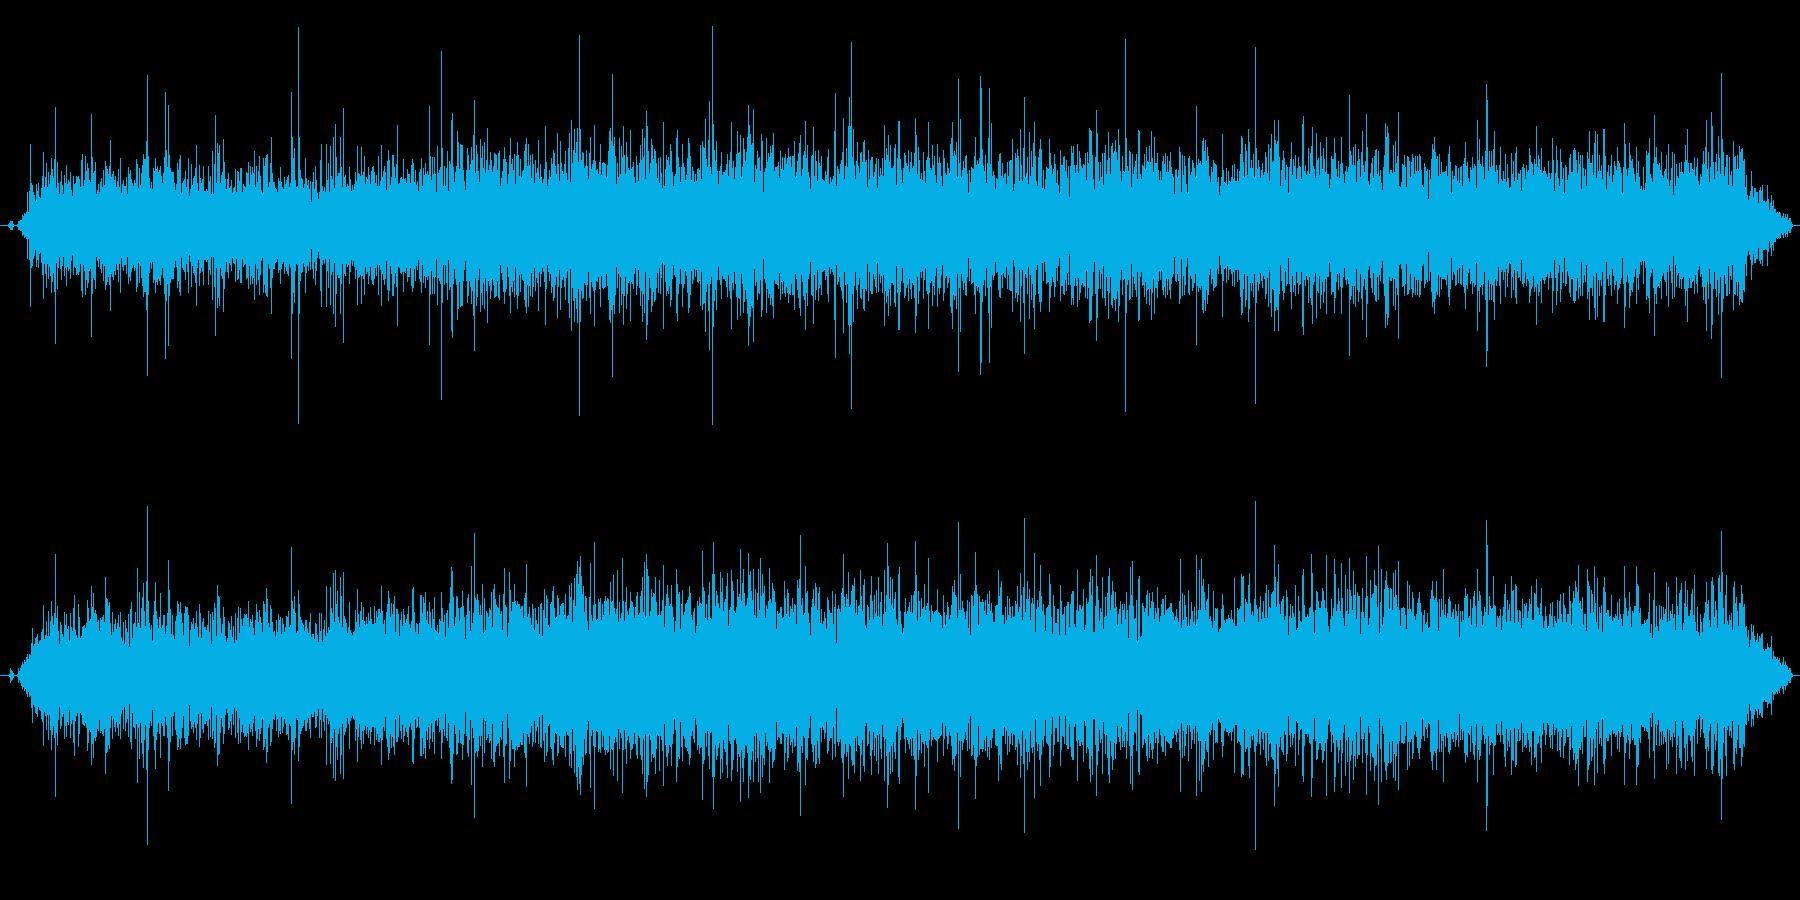 ステレオ感のある拍手、拍手喝采の効果音3の再生済みの波形